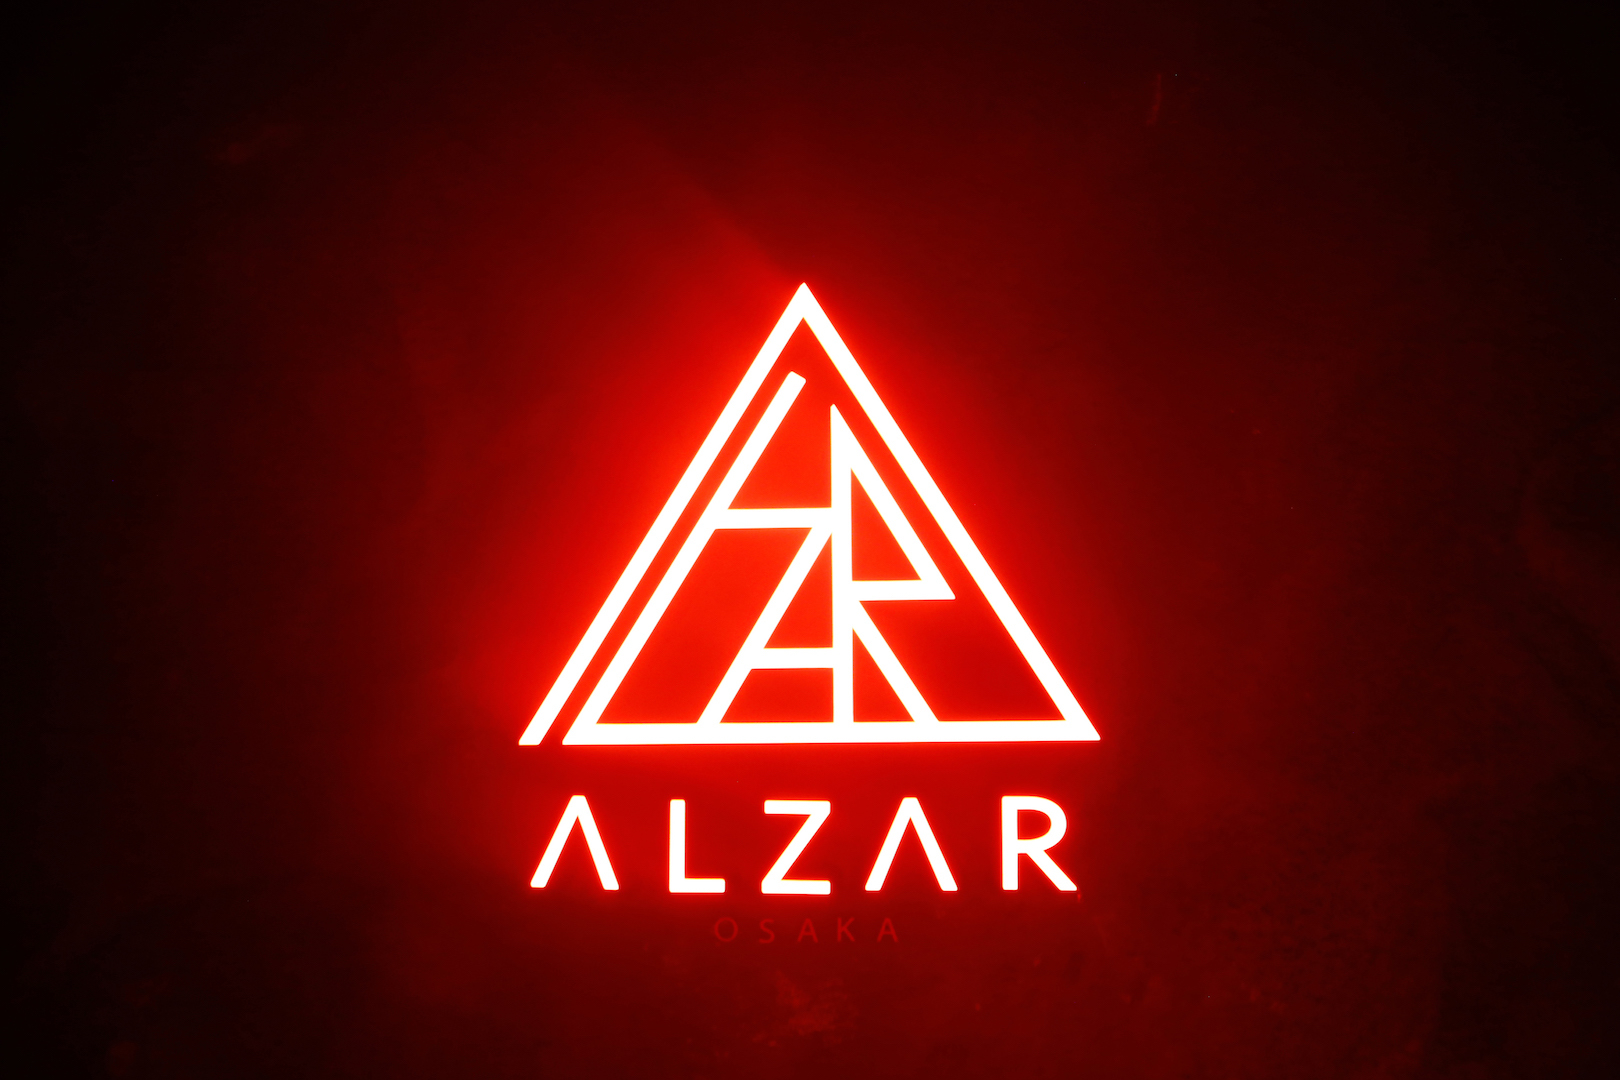 ALZAR 撮影=Jun Izumi (desidistech / SiiNE)